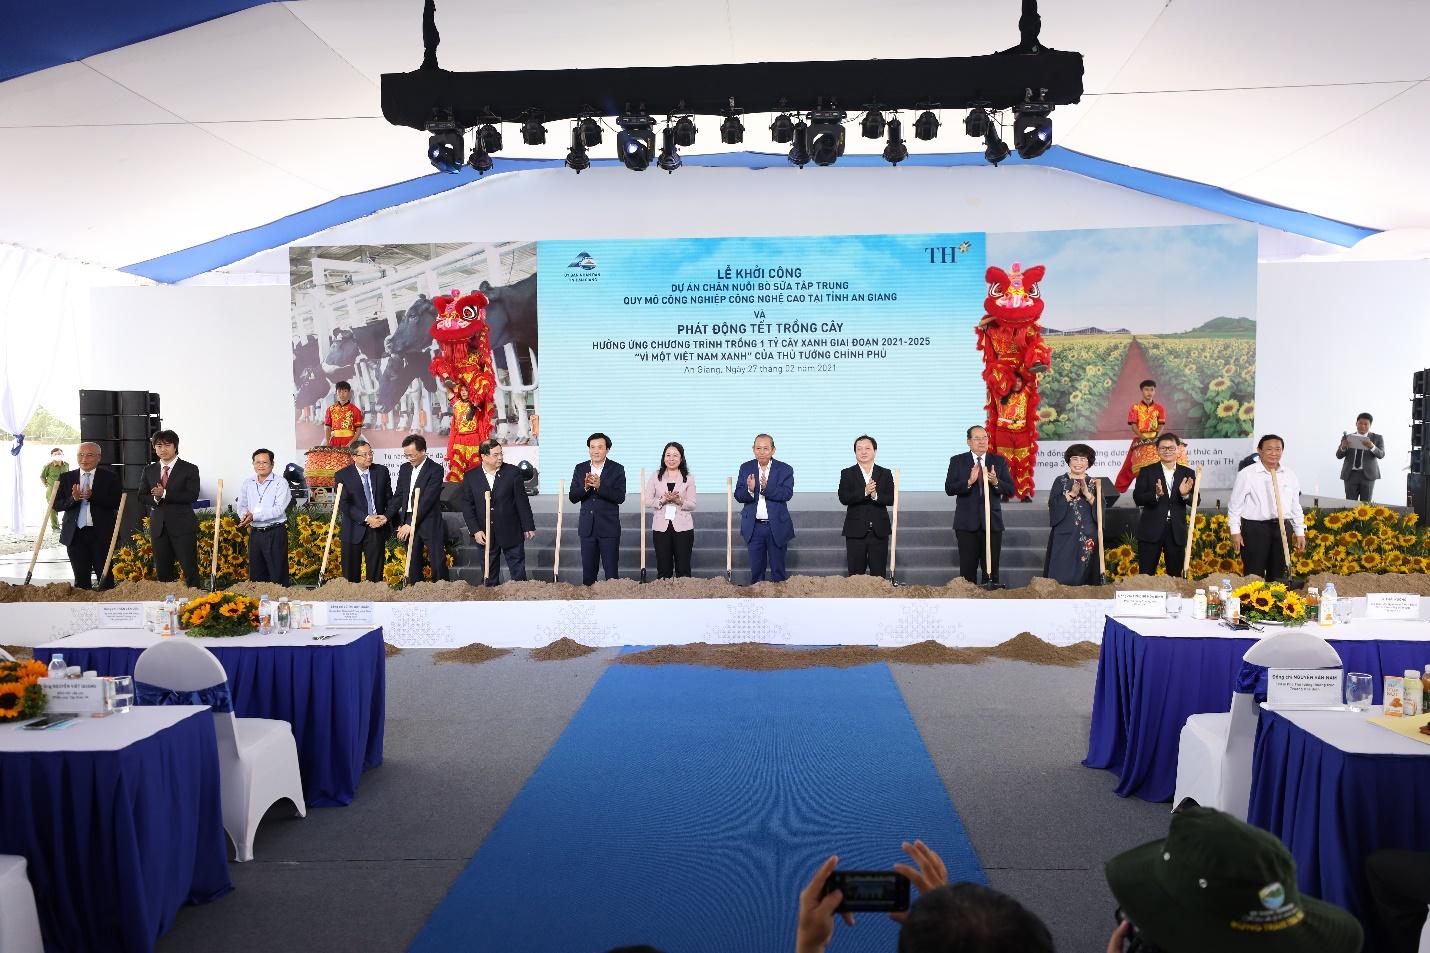 """Tập đoàn TH khởi công Dự án chăn nuôi bò sữa công nghệ cao quy mô lớn nhất Đồng bằng sông Cửu Long, khởi động """"Tết trồng cây"""" tại An Giang - 1"""